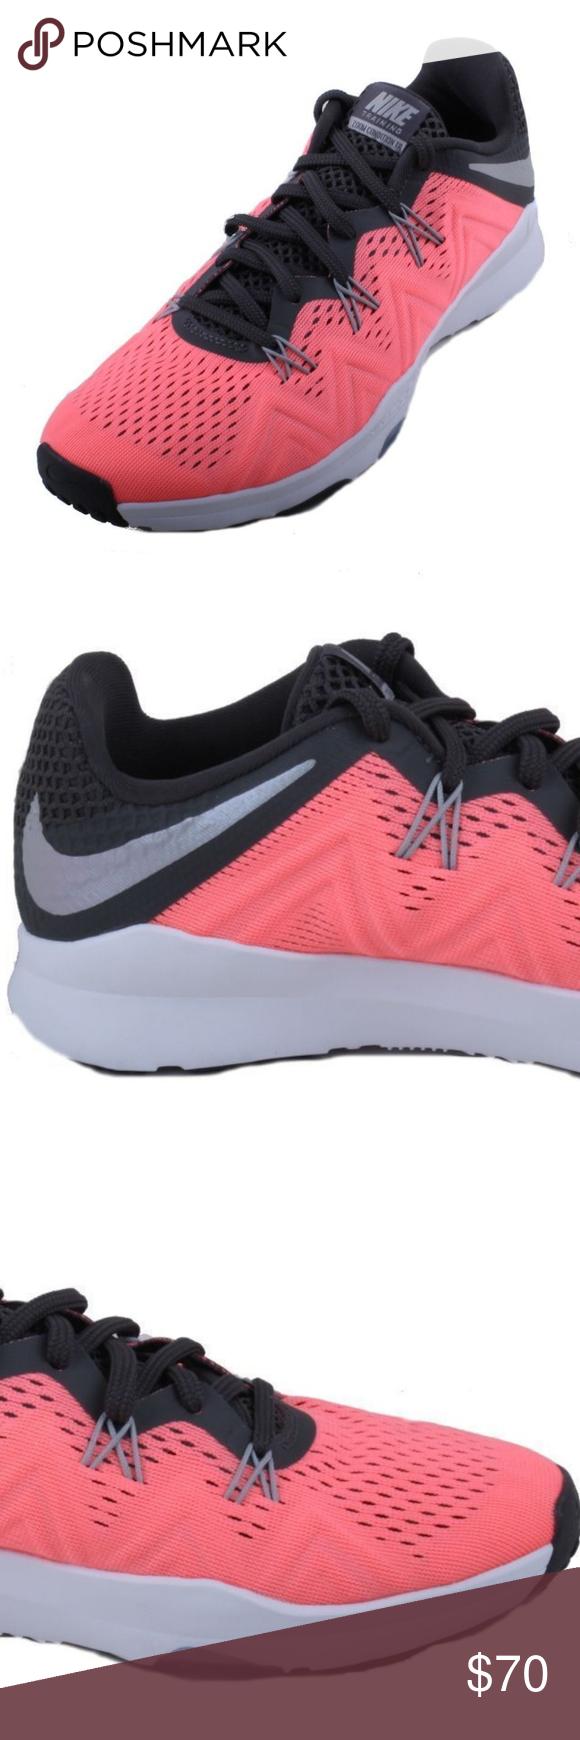 339f20e06c41 Nike- Womens Zoom Condition TR Training Shoes- NIB STYLE  Zoom Condition TR-